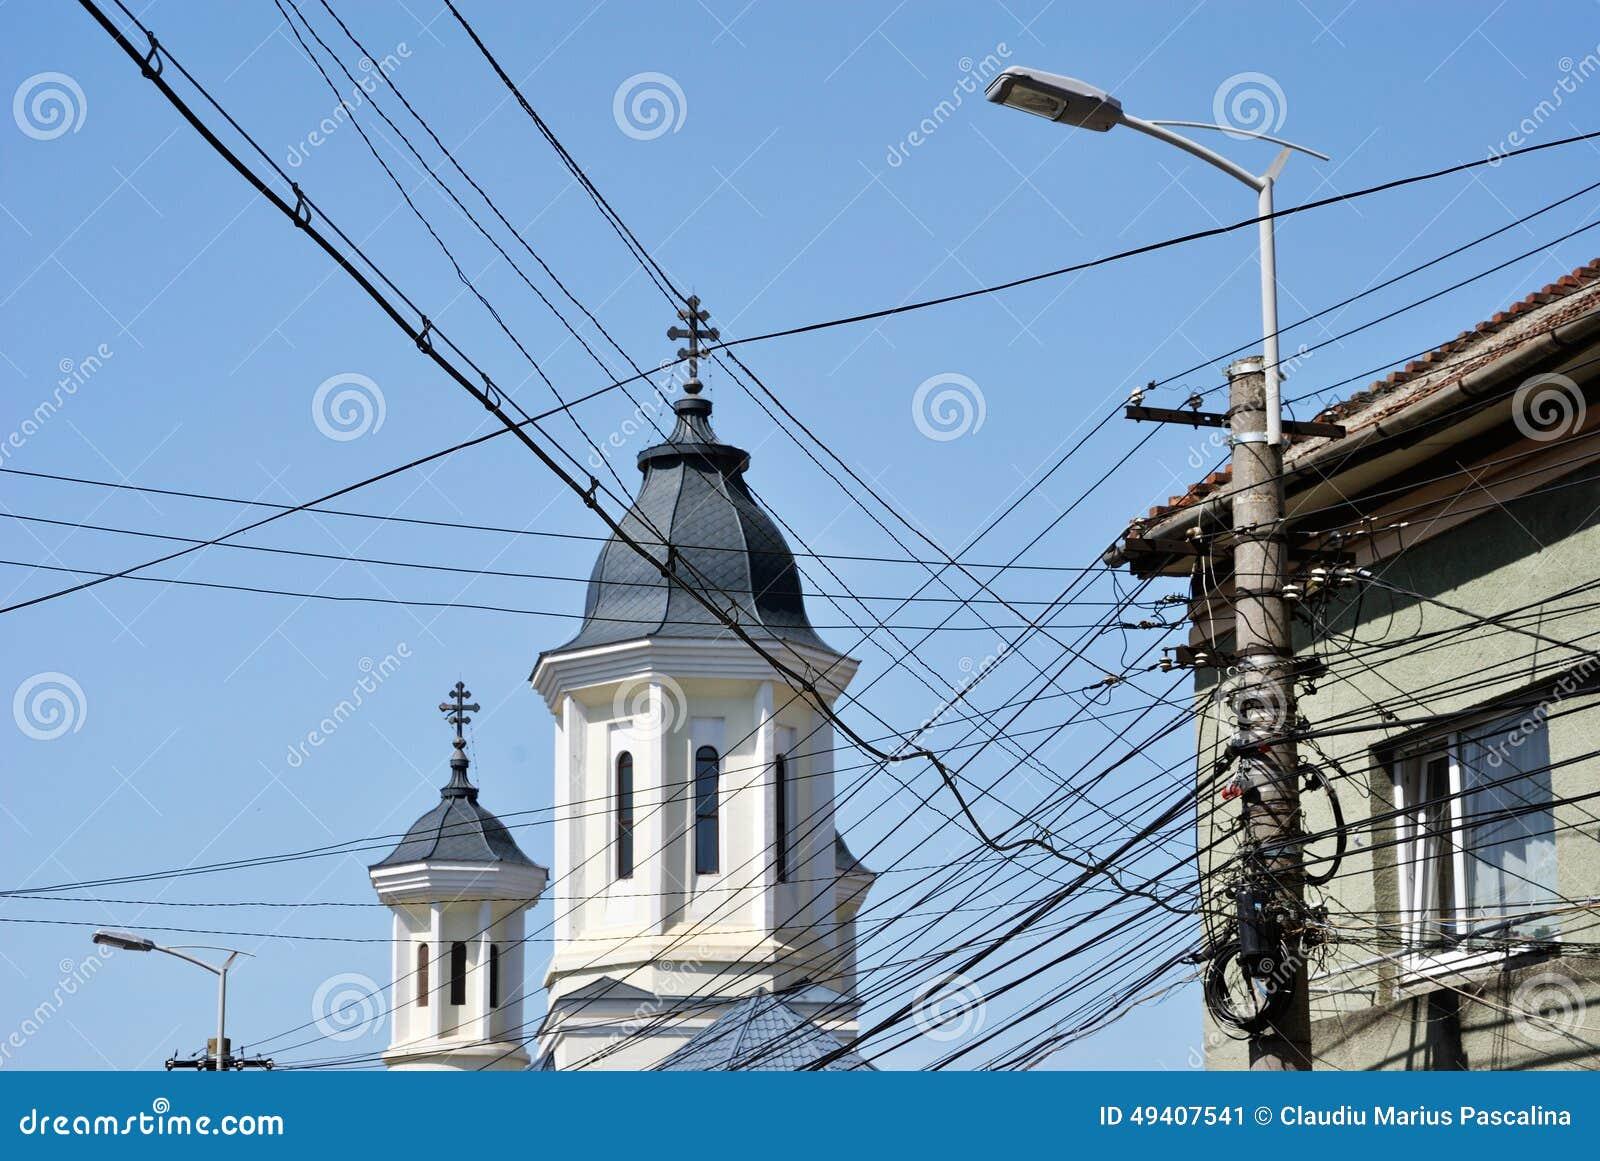 Niedlich Drähte Elektrisch Fotos - Elektrische Schaltplan-Ideen ...